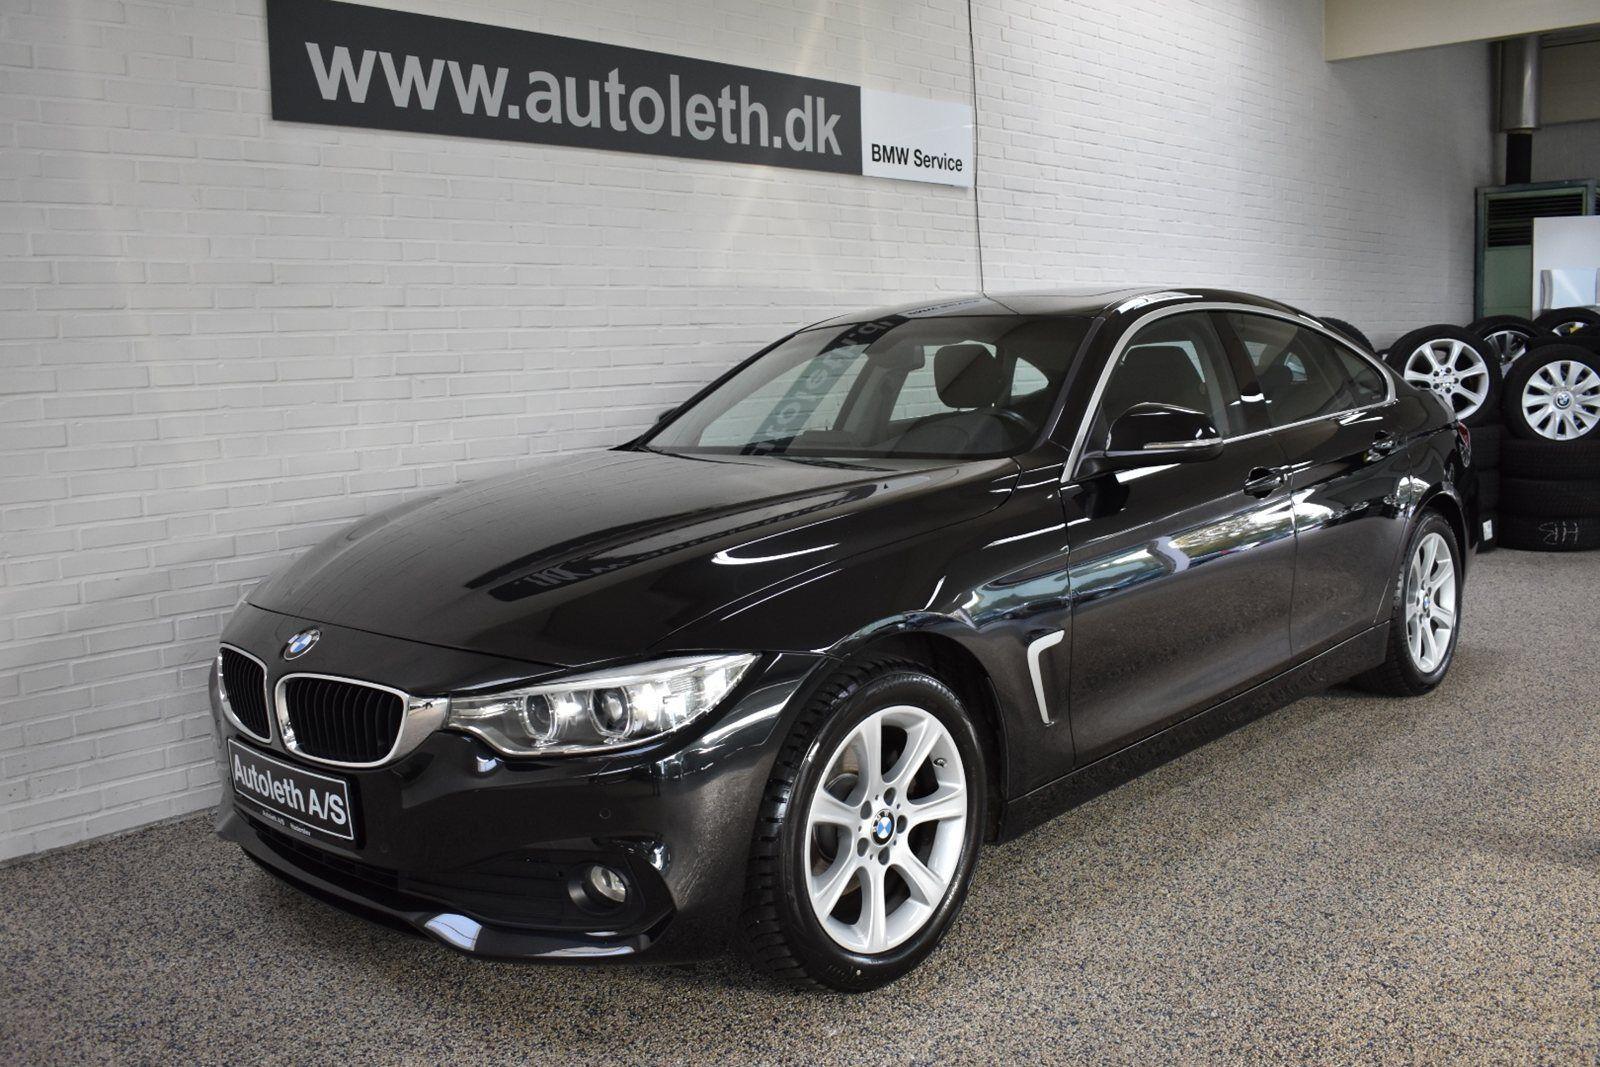 BMW 420d 2,0 Gran Coupé aut. 5d - 389.900 kr.